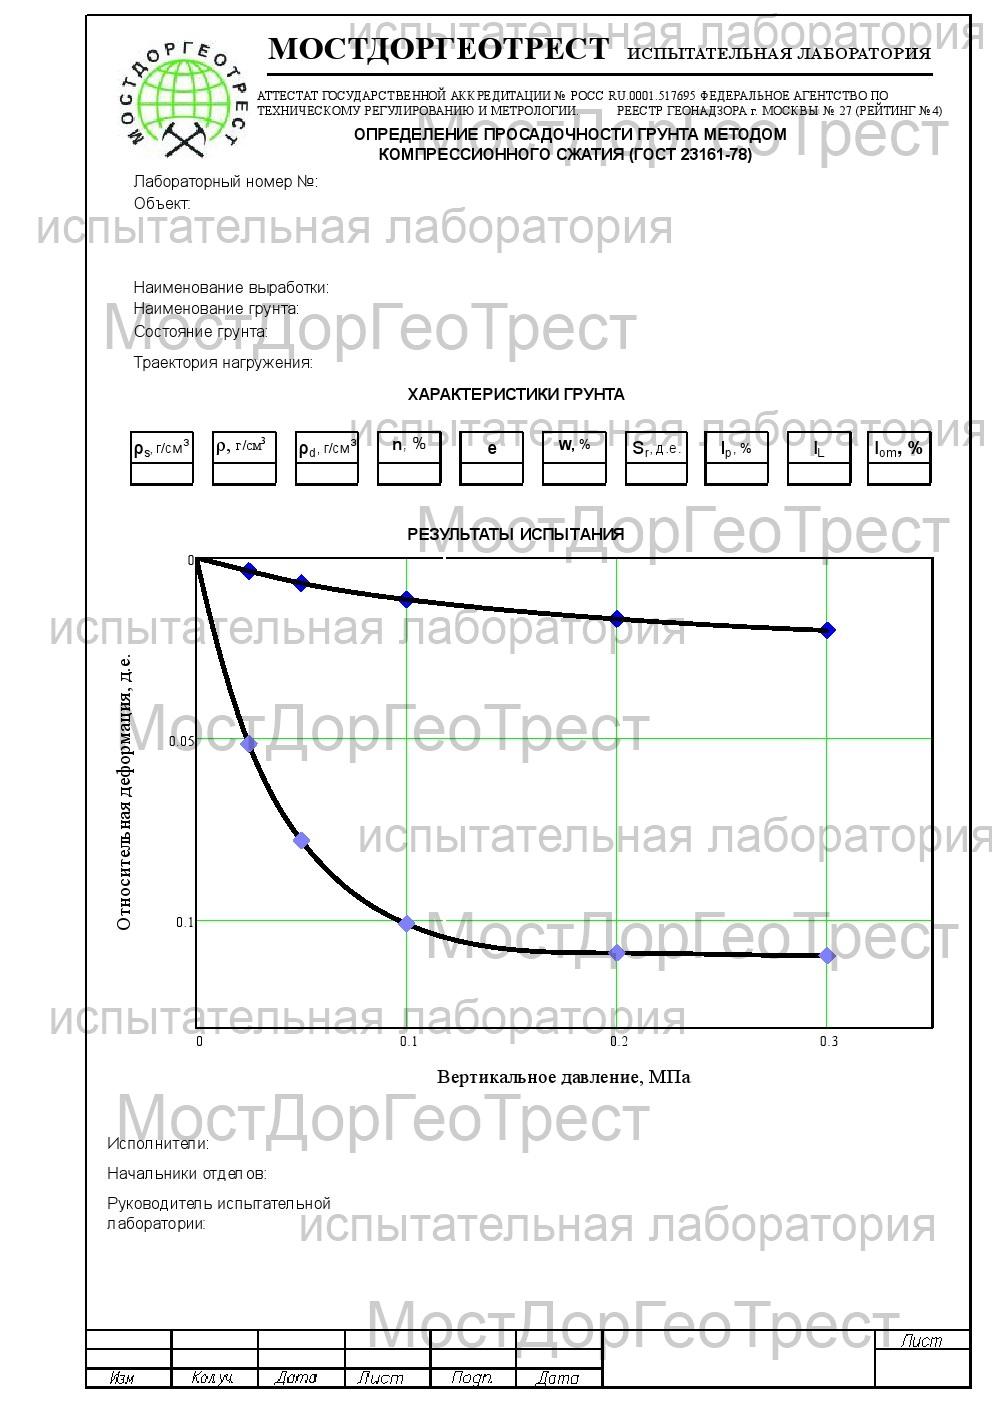 Протокол определения просадочности грунта методом компрессионного сжатия (ГОСТ 23161-78)